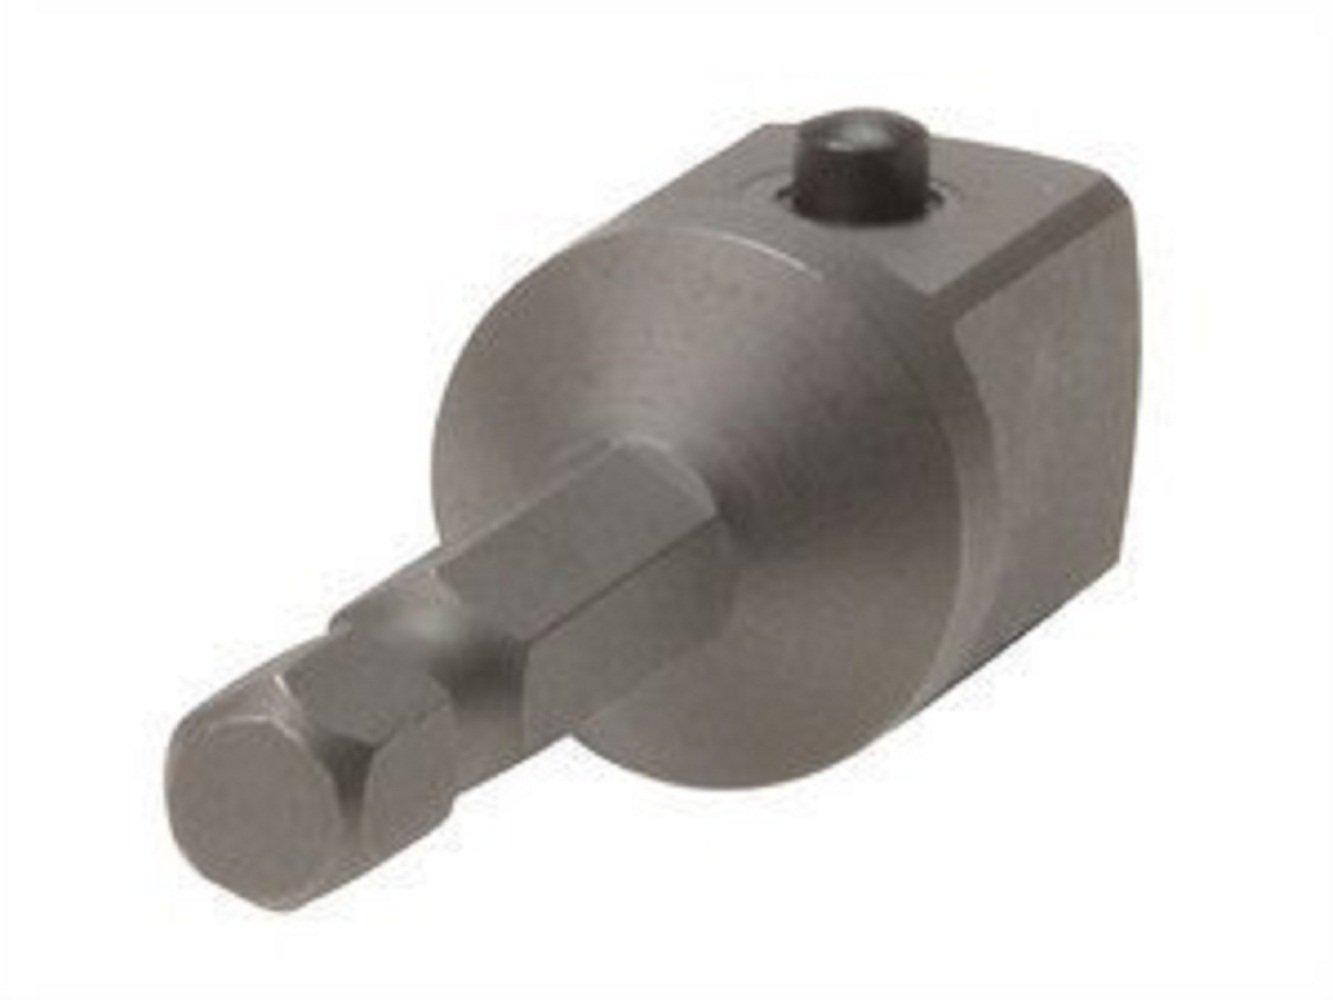 DeWalt DT7512-QZ Adaptador DT7512-QZ-de 1/4 Hexagonal a 12 Pulgadas Cuadrado, Set de 5 Piezas